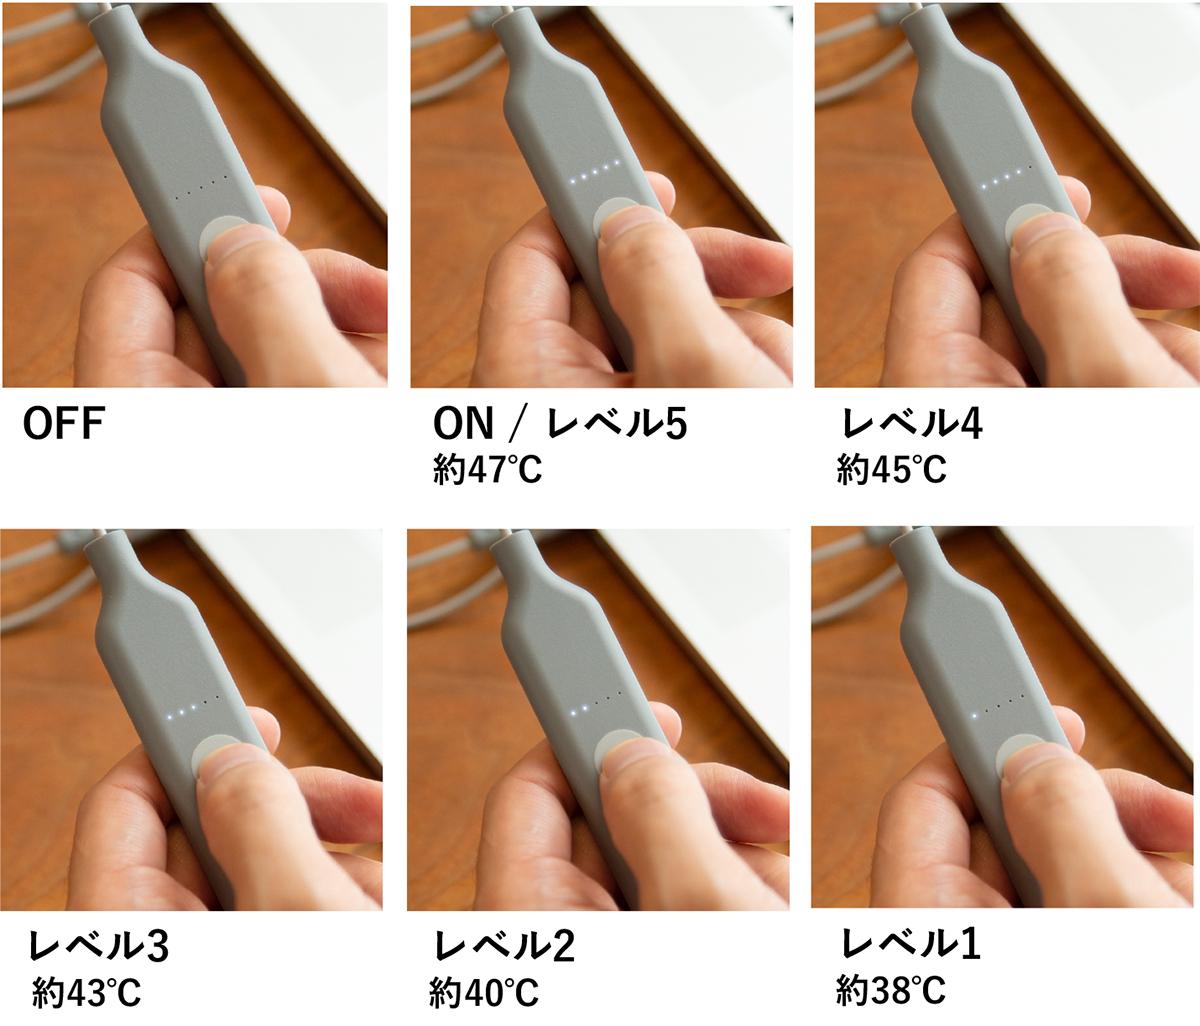 自分の適温に、カンタン操作できる。リモコン中央にある「パワーボタン」ひとつで温度調整。開発に10年かけた、インクで安全発熱するシート型ヒーター「USB式温熱マット」|INKO(インコ)